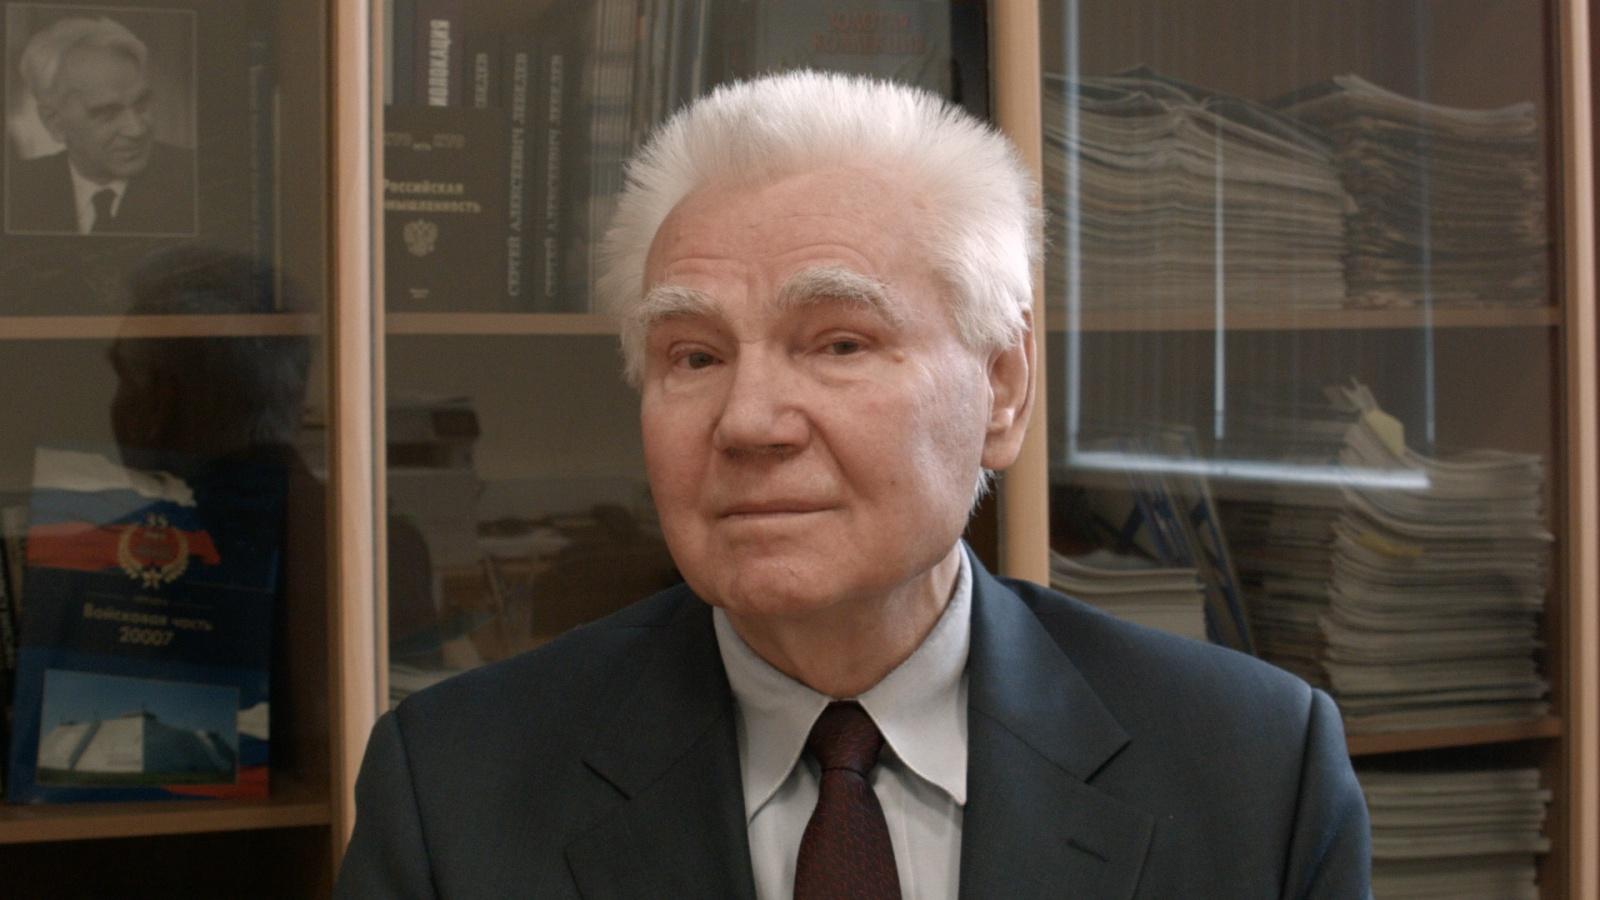 Юрий Рябцев: «Первый перехват баллистической ракеты — событие, примерно равное полету Гагарина» - 1